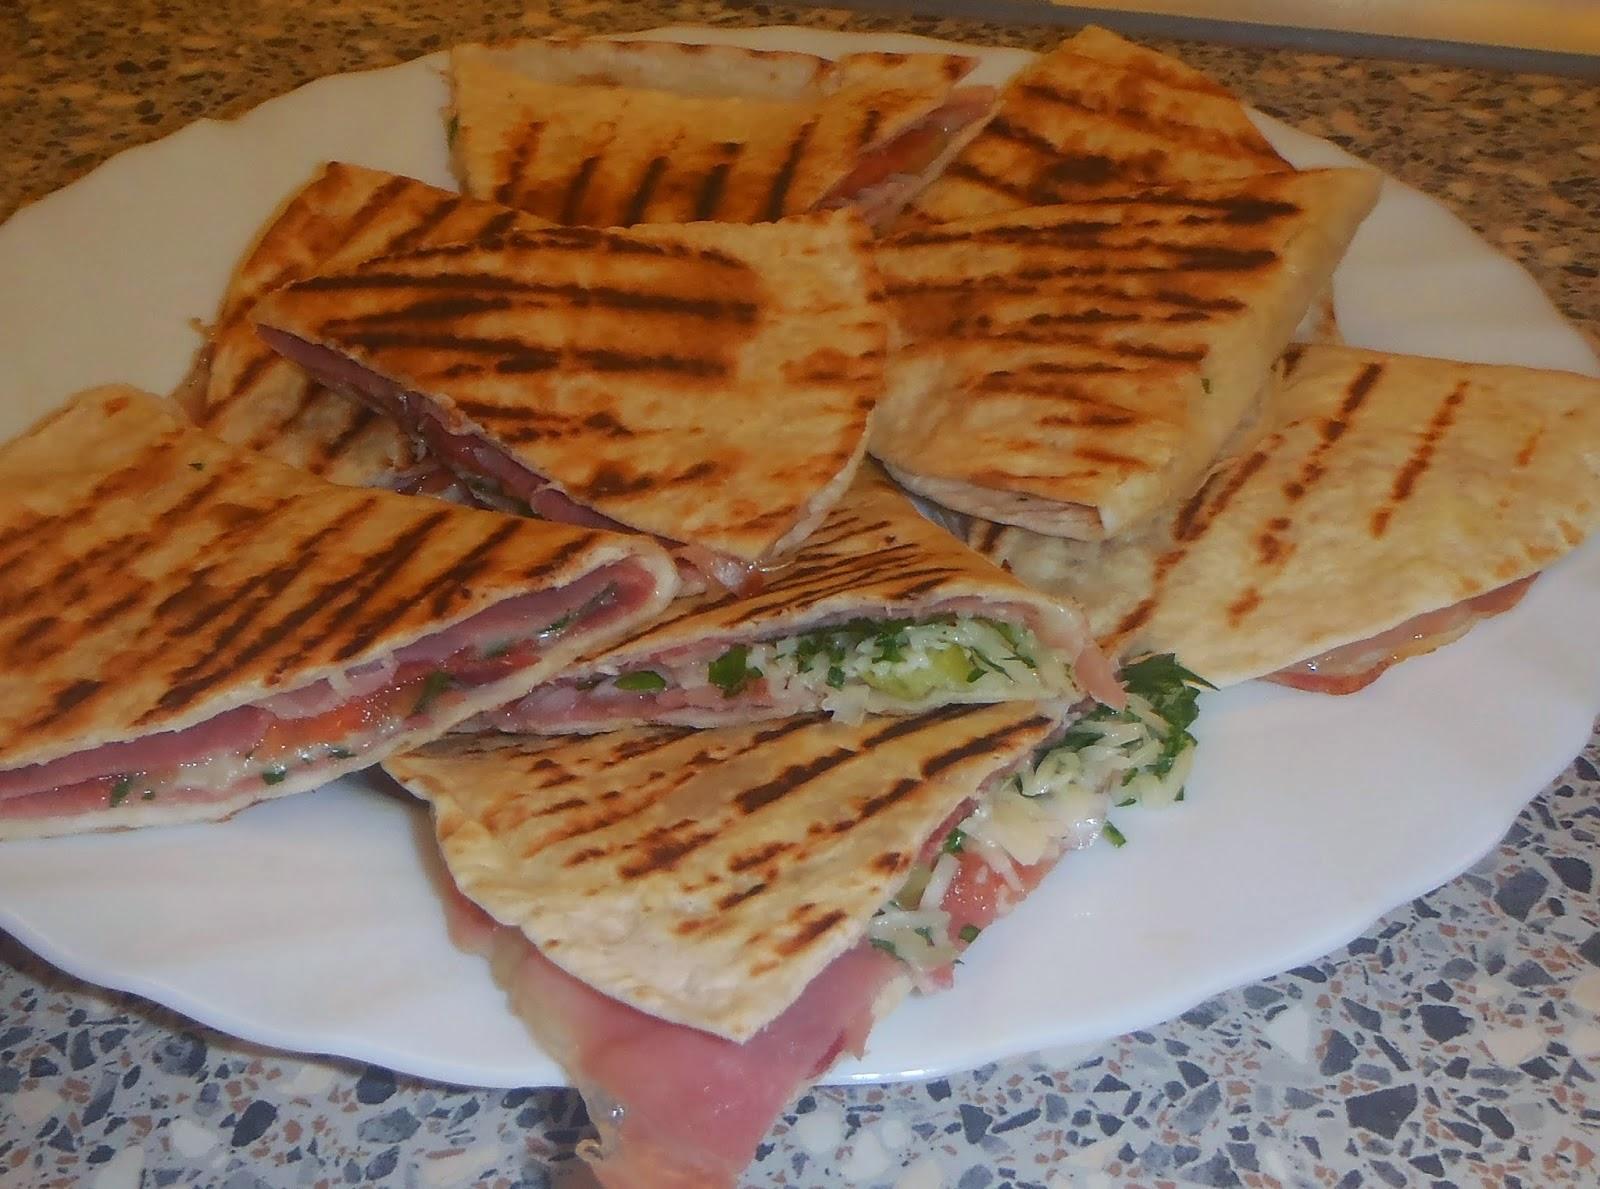 Les Receptes Que M Agraden 10 S Ndwich Y Recetas Con Pan Que No  ~ Recetas Para Una Cena Con Amigos